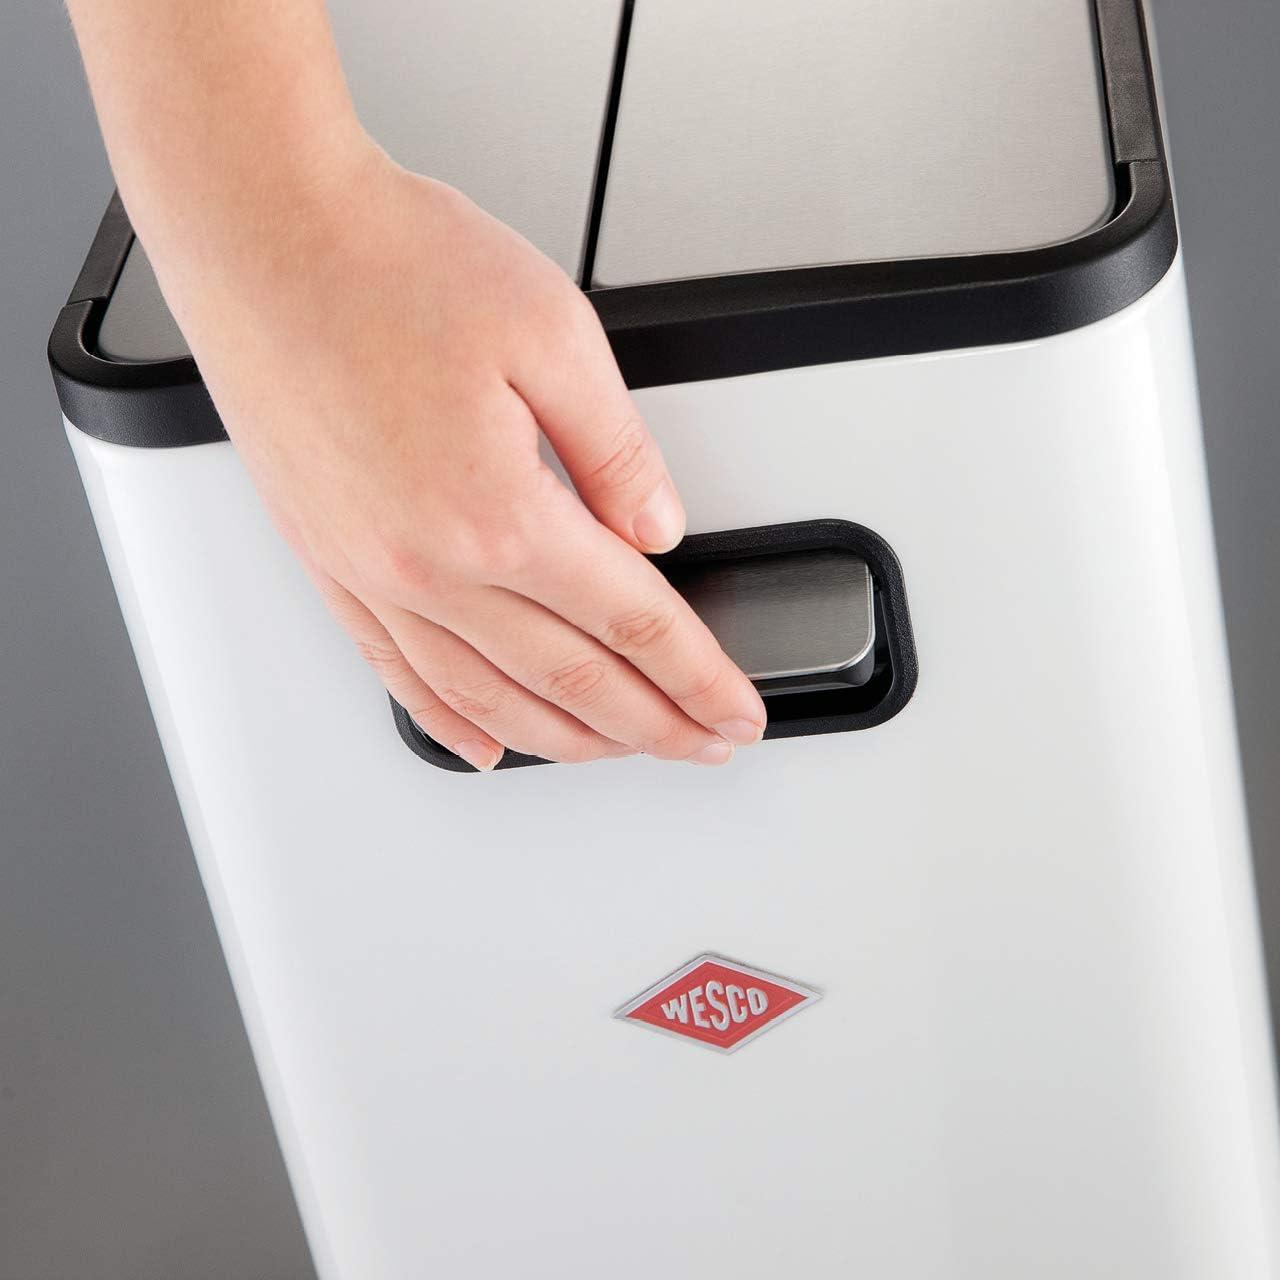 BigDean 2X M/üllsackst/änder AutoFix GELB SCHWARZ 120L M/ülleimer M/üllbeutelst/änder M/üllsackhalter Blauer Gelber Sack Automatik /Öffnung